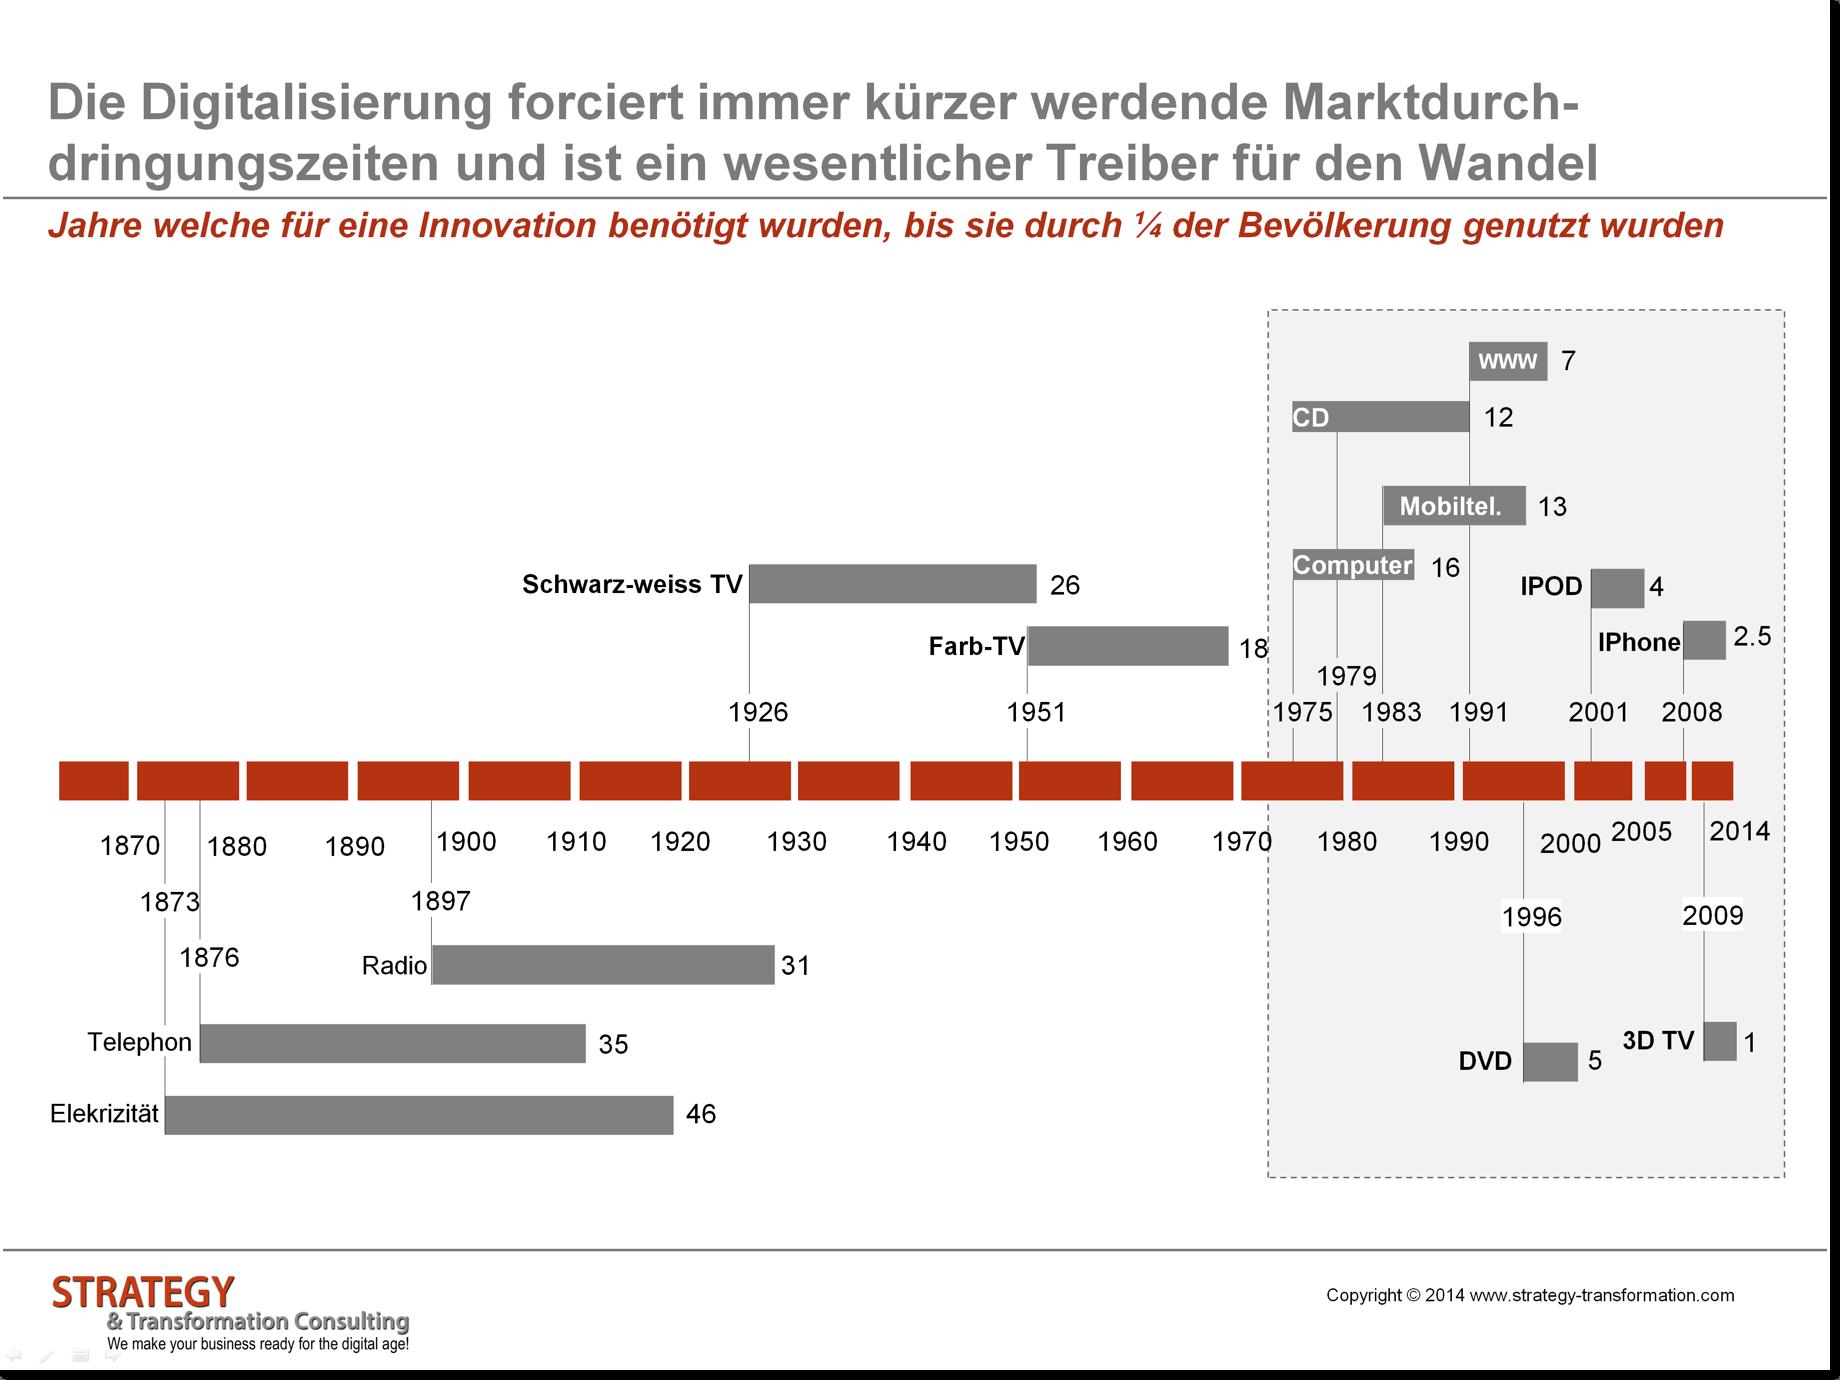 Marktdurchdringungszeiten für Innovationen